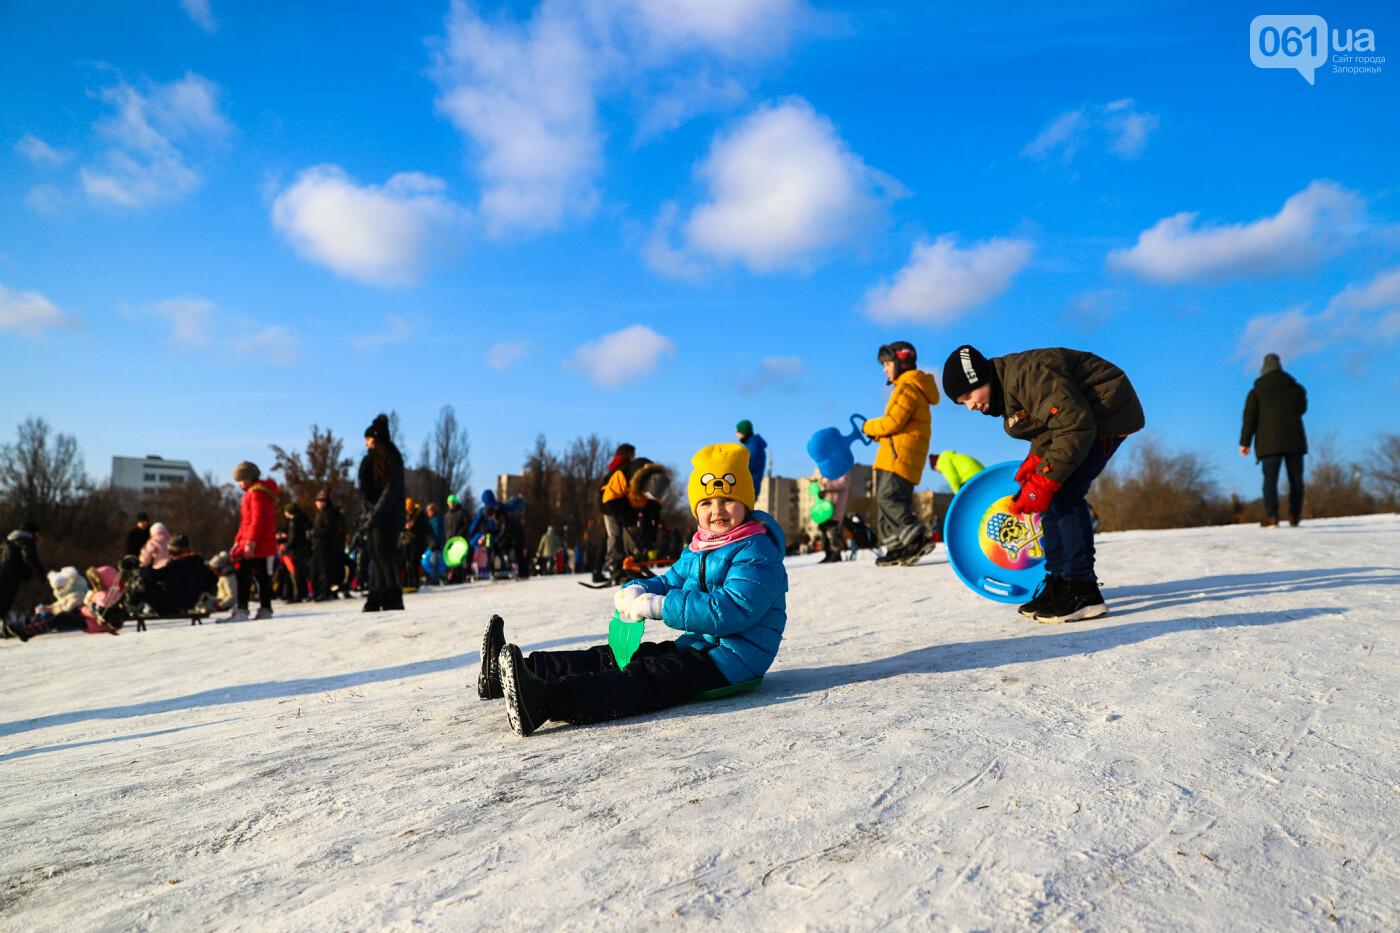 На санках, лыжах и сноуборде: запорожцы устроили массовое катание с горок в Вознесеновском парке, - ФОТОРЕПОРТАЖ, фото-15